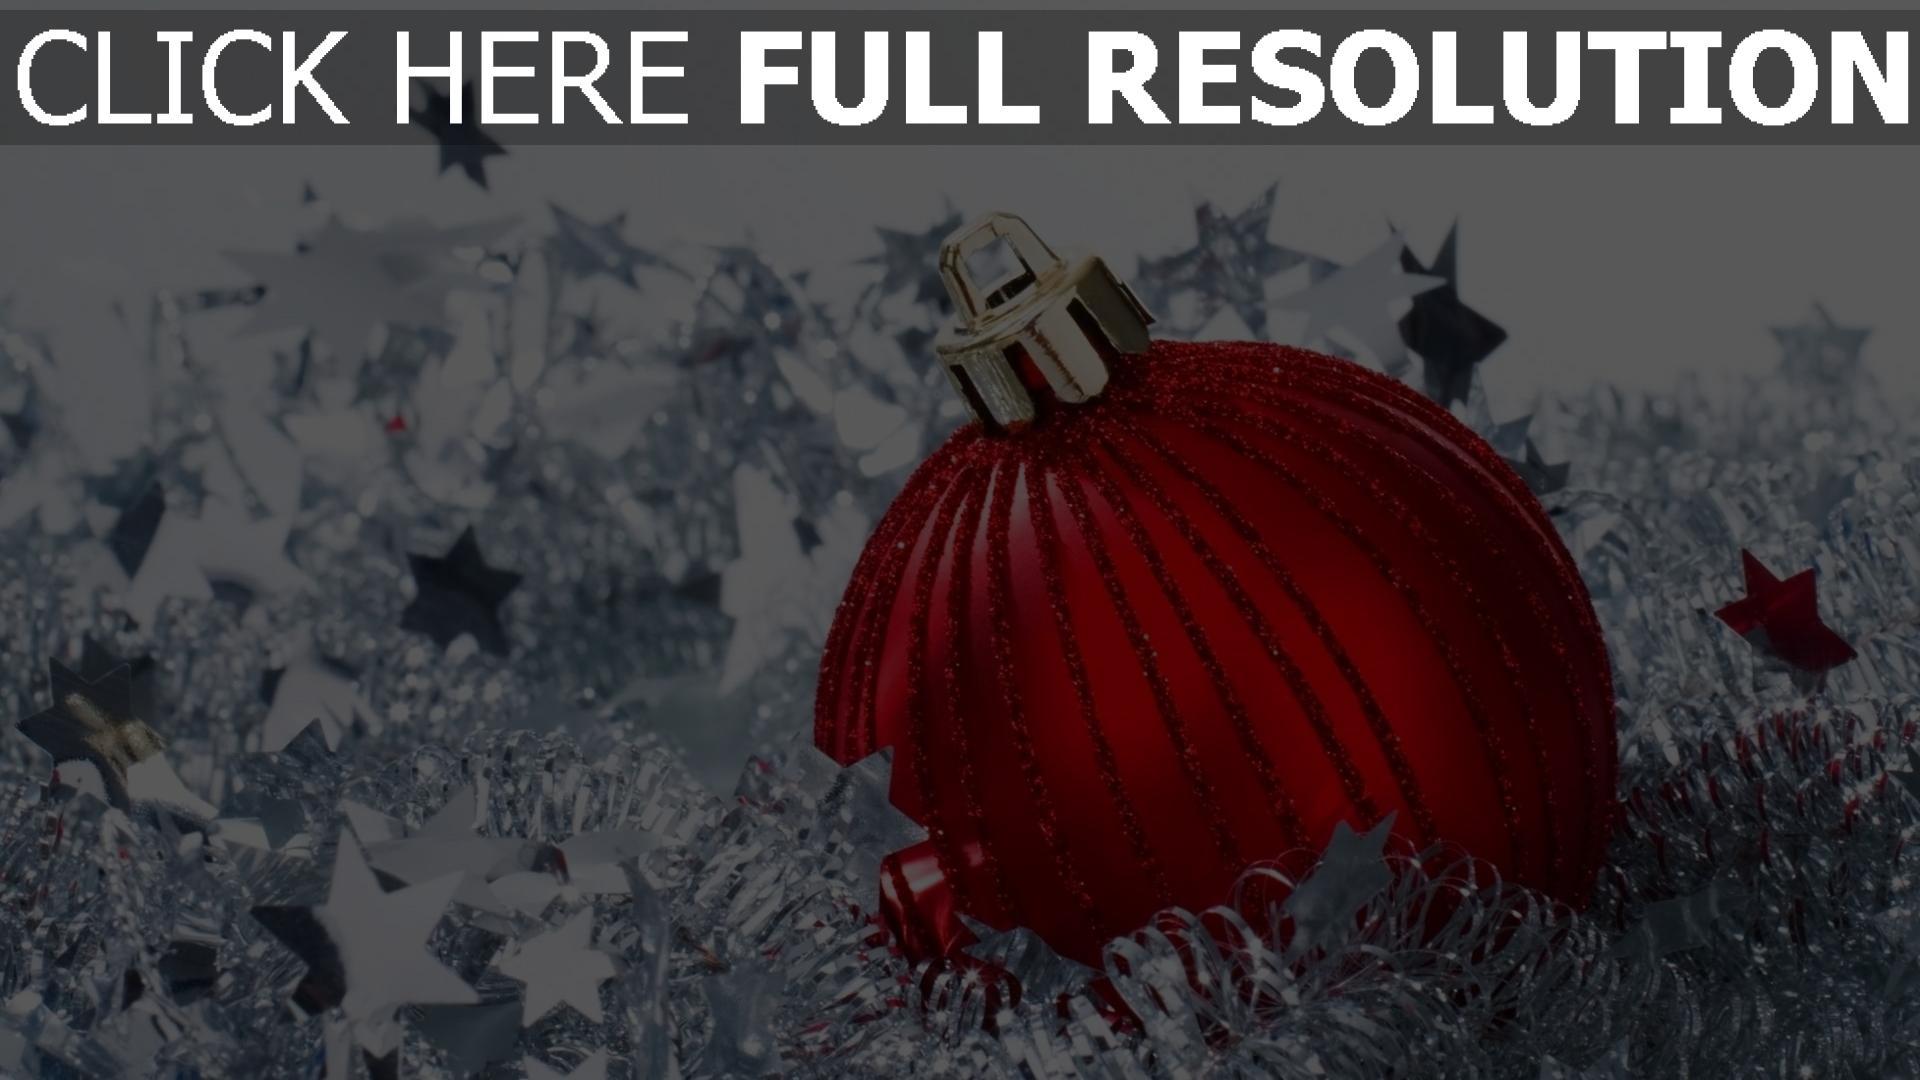 hd hintergrundbilder urlaub elfen weihnachten baum haus weihnachtsschmuck 1920x1080